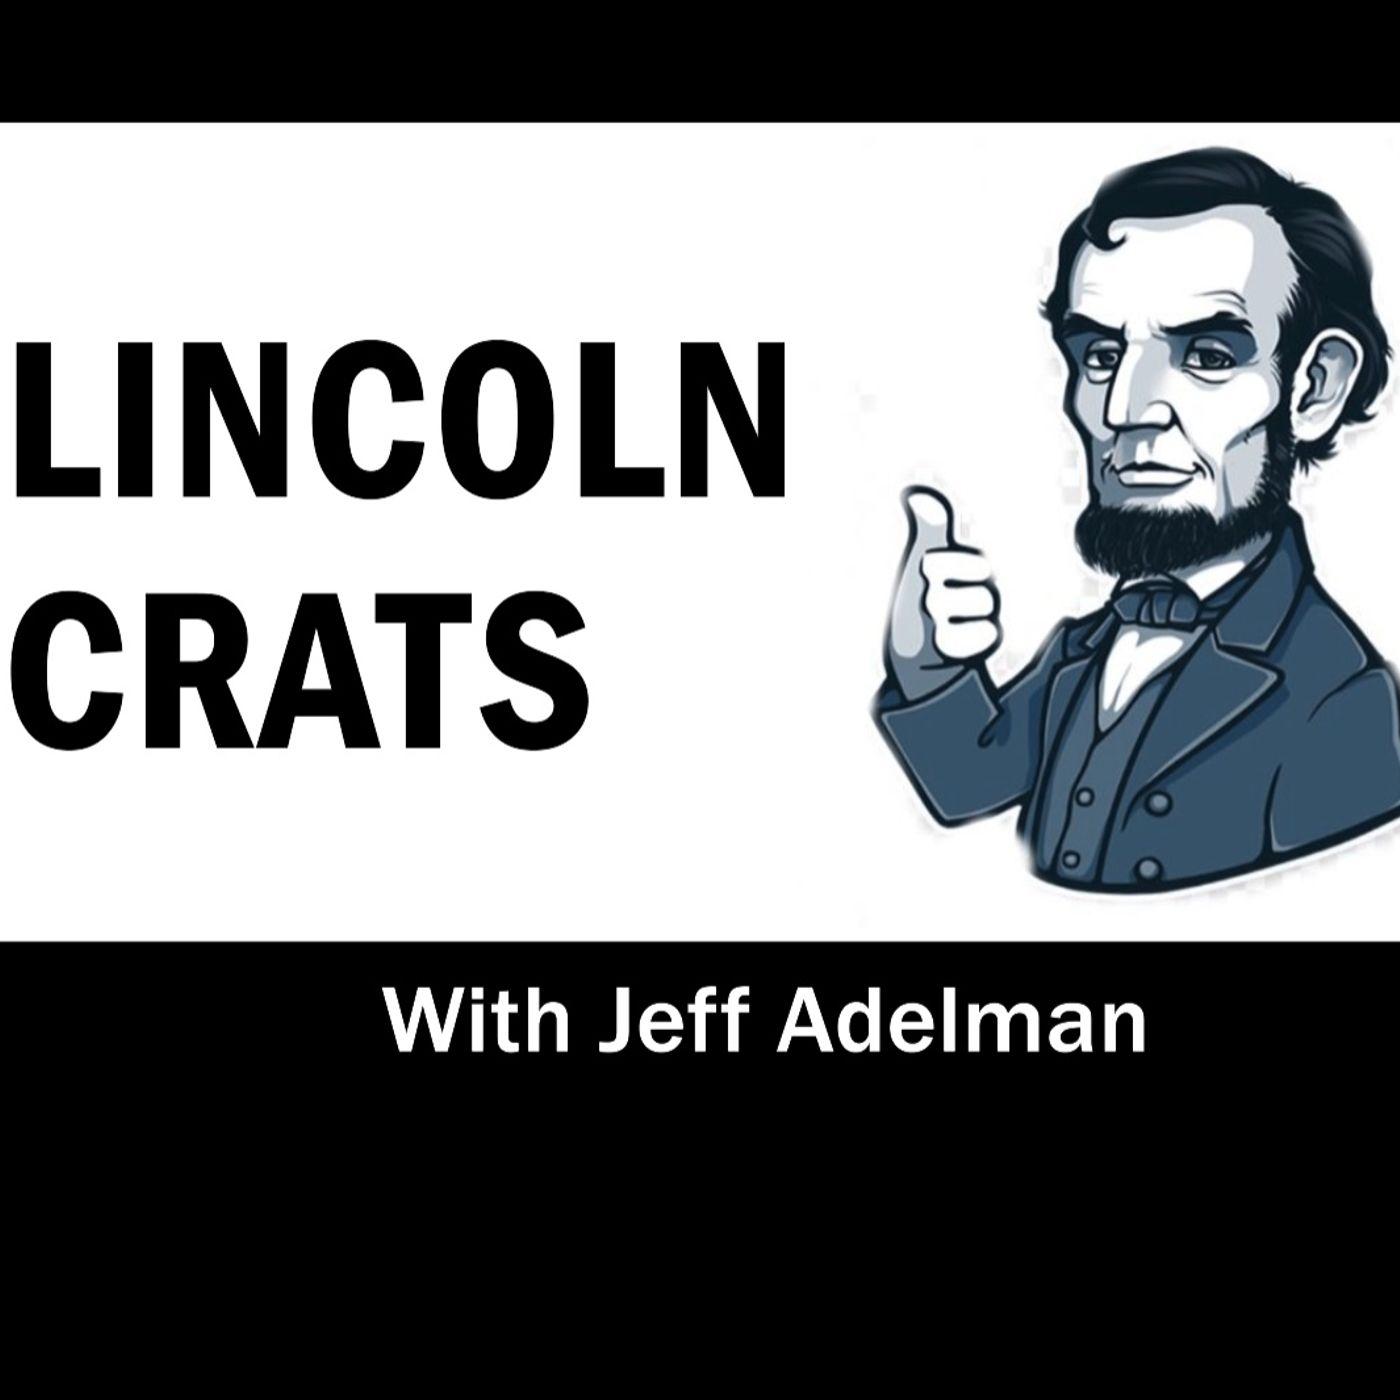 Lincolncrats